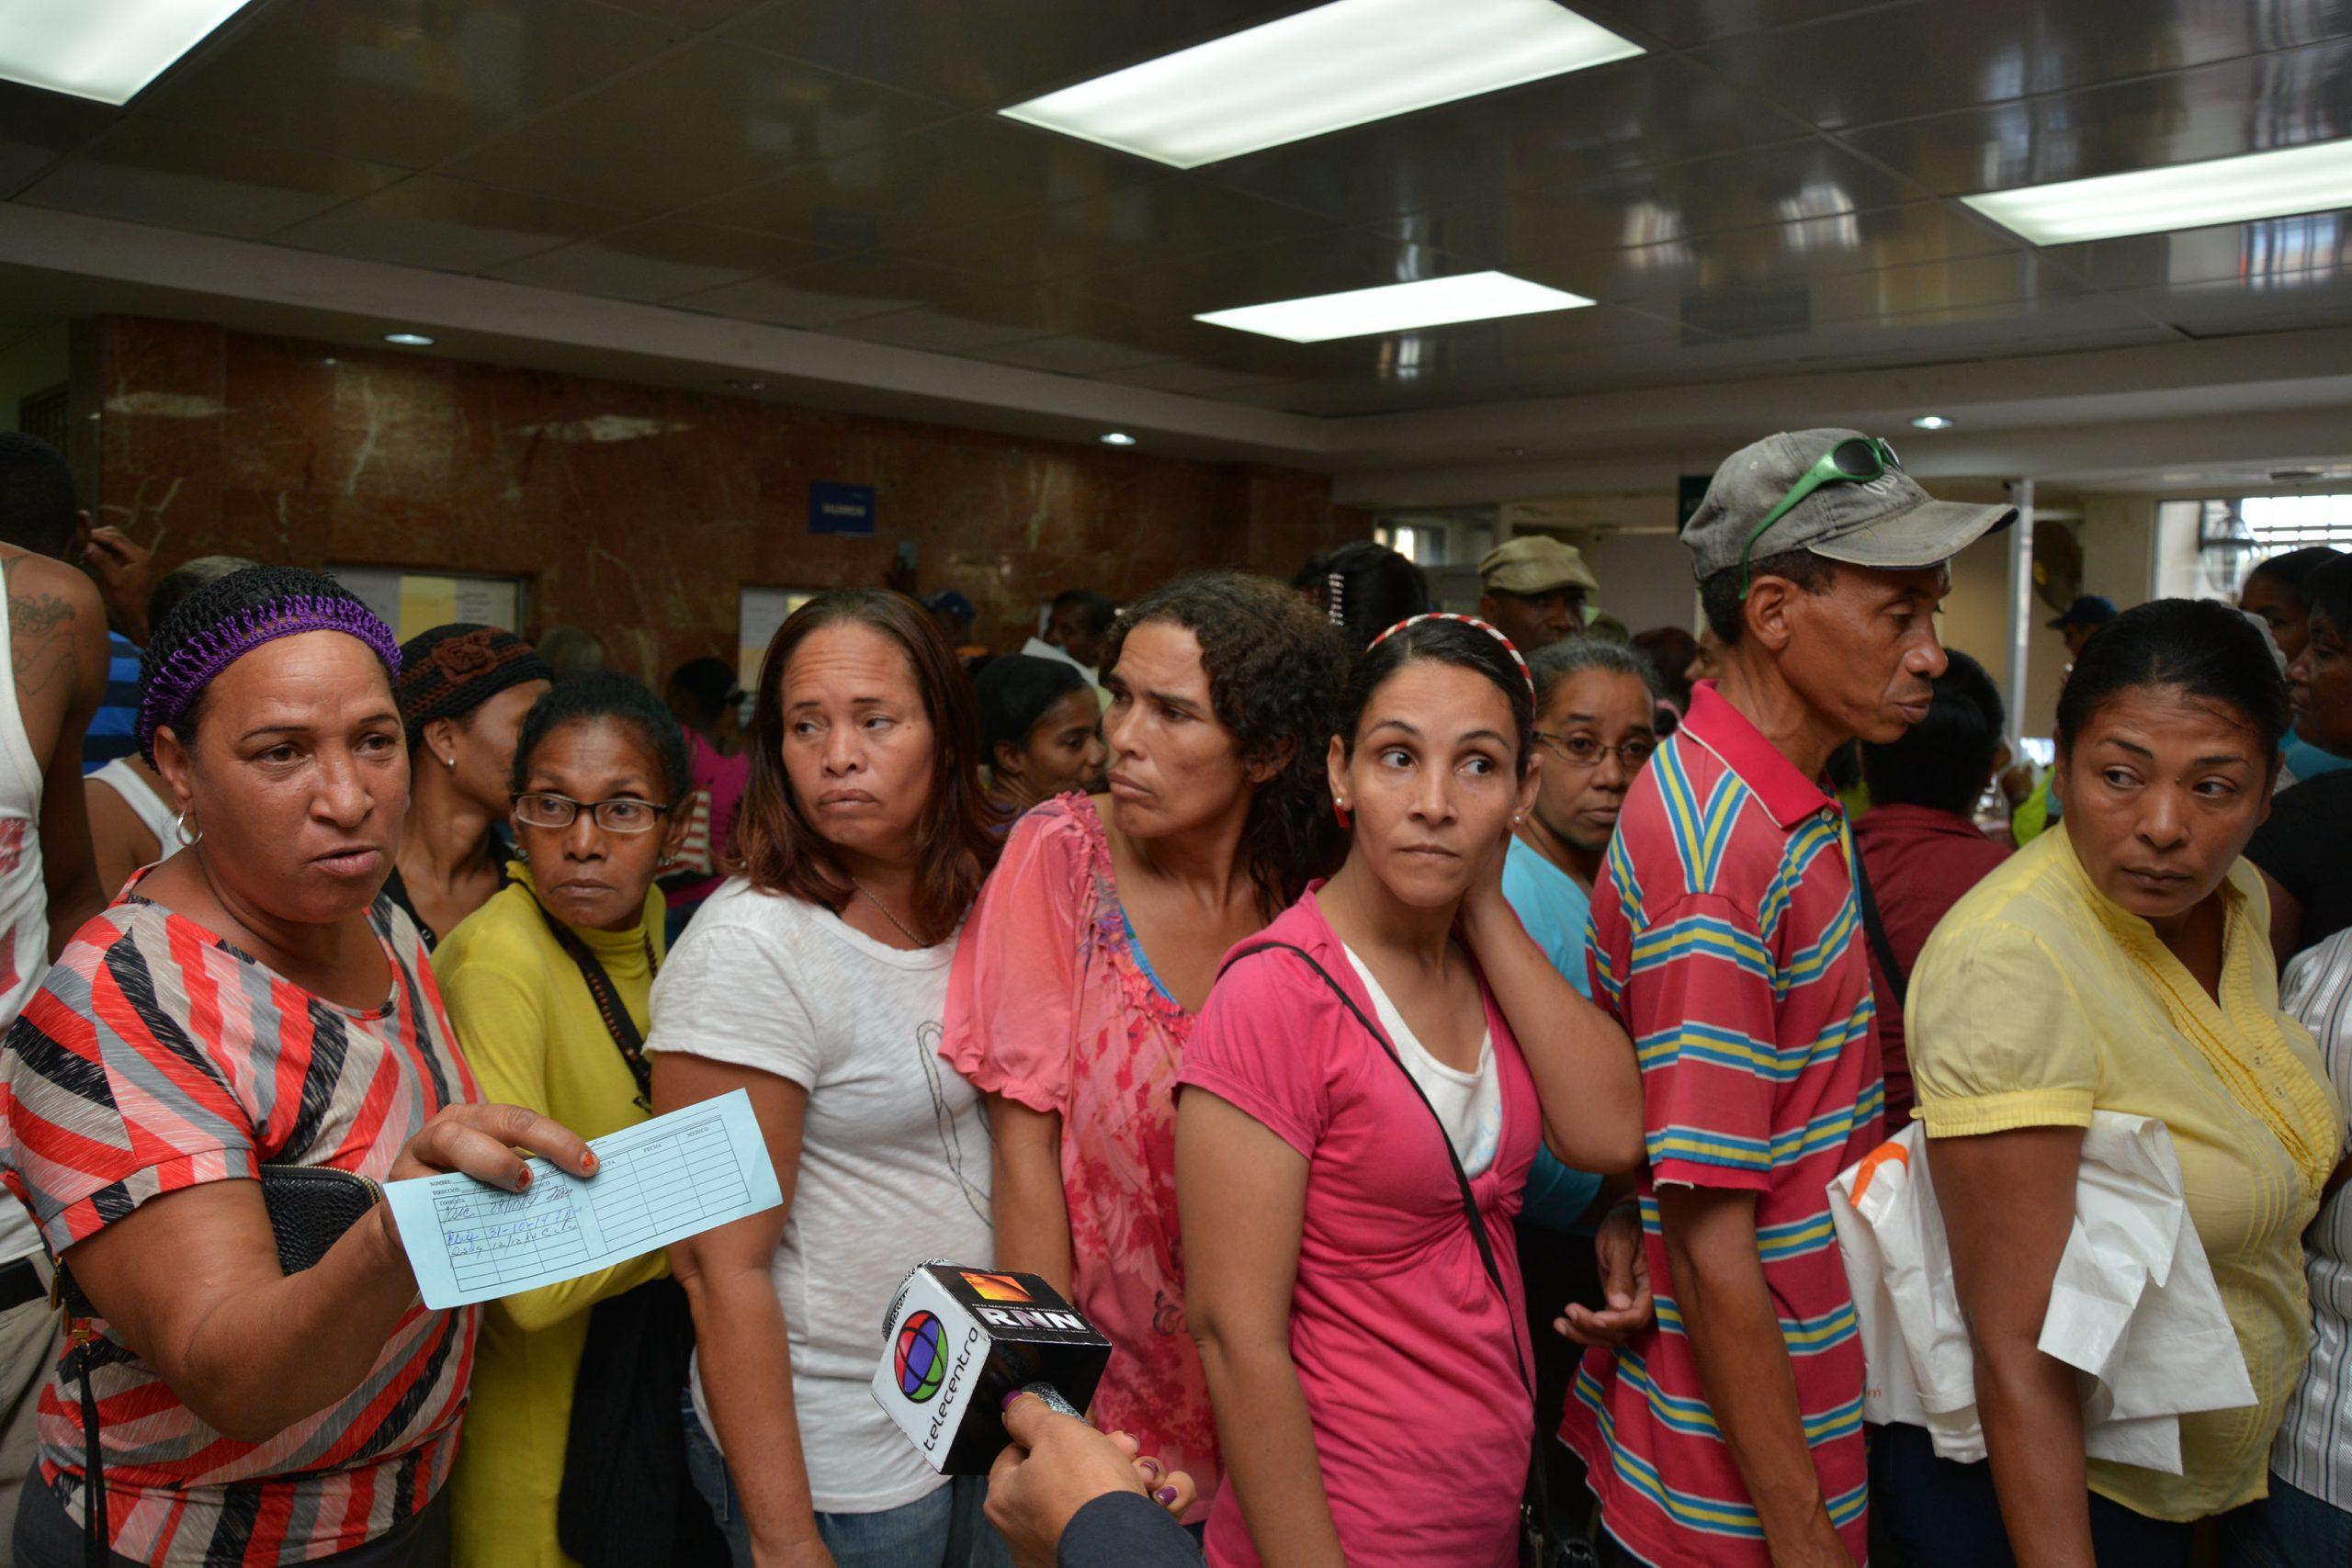 El hospital Moscoso Puello siempre recibe mucha gente, pero ahora la situación es peor. /LÉSTHER ÁLVAREZ